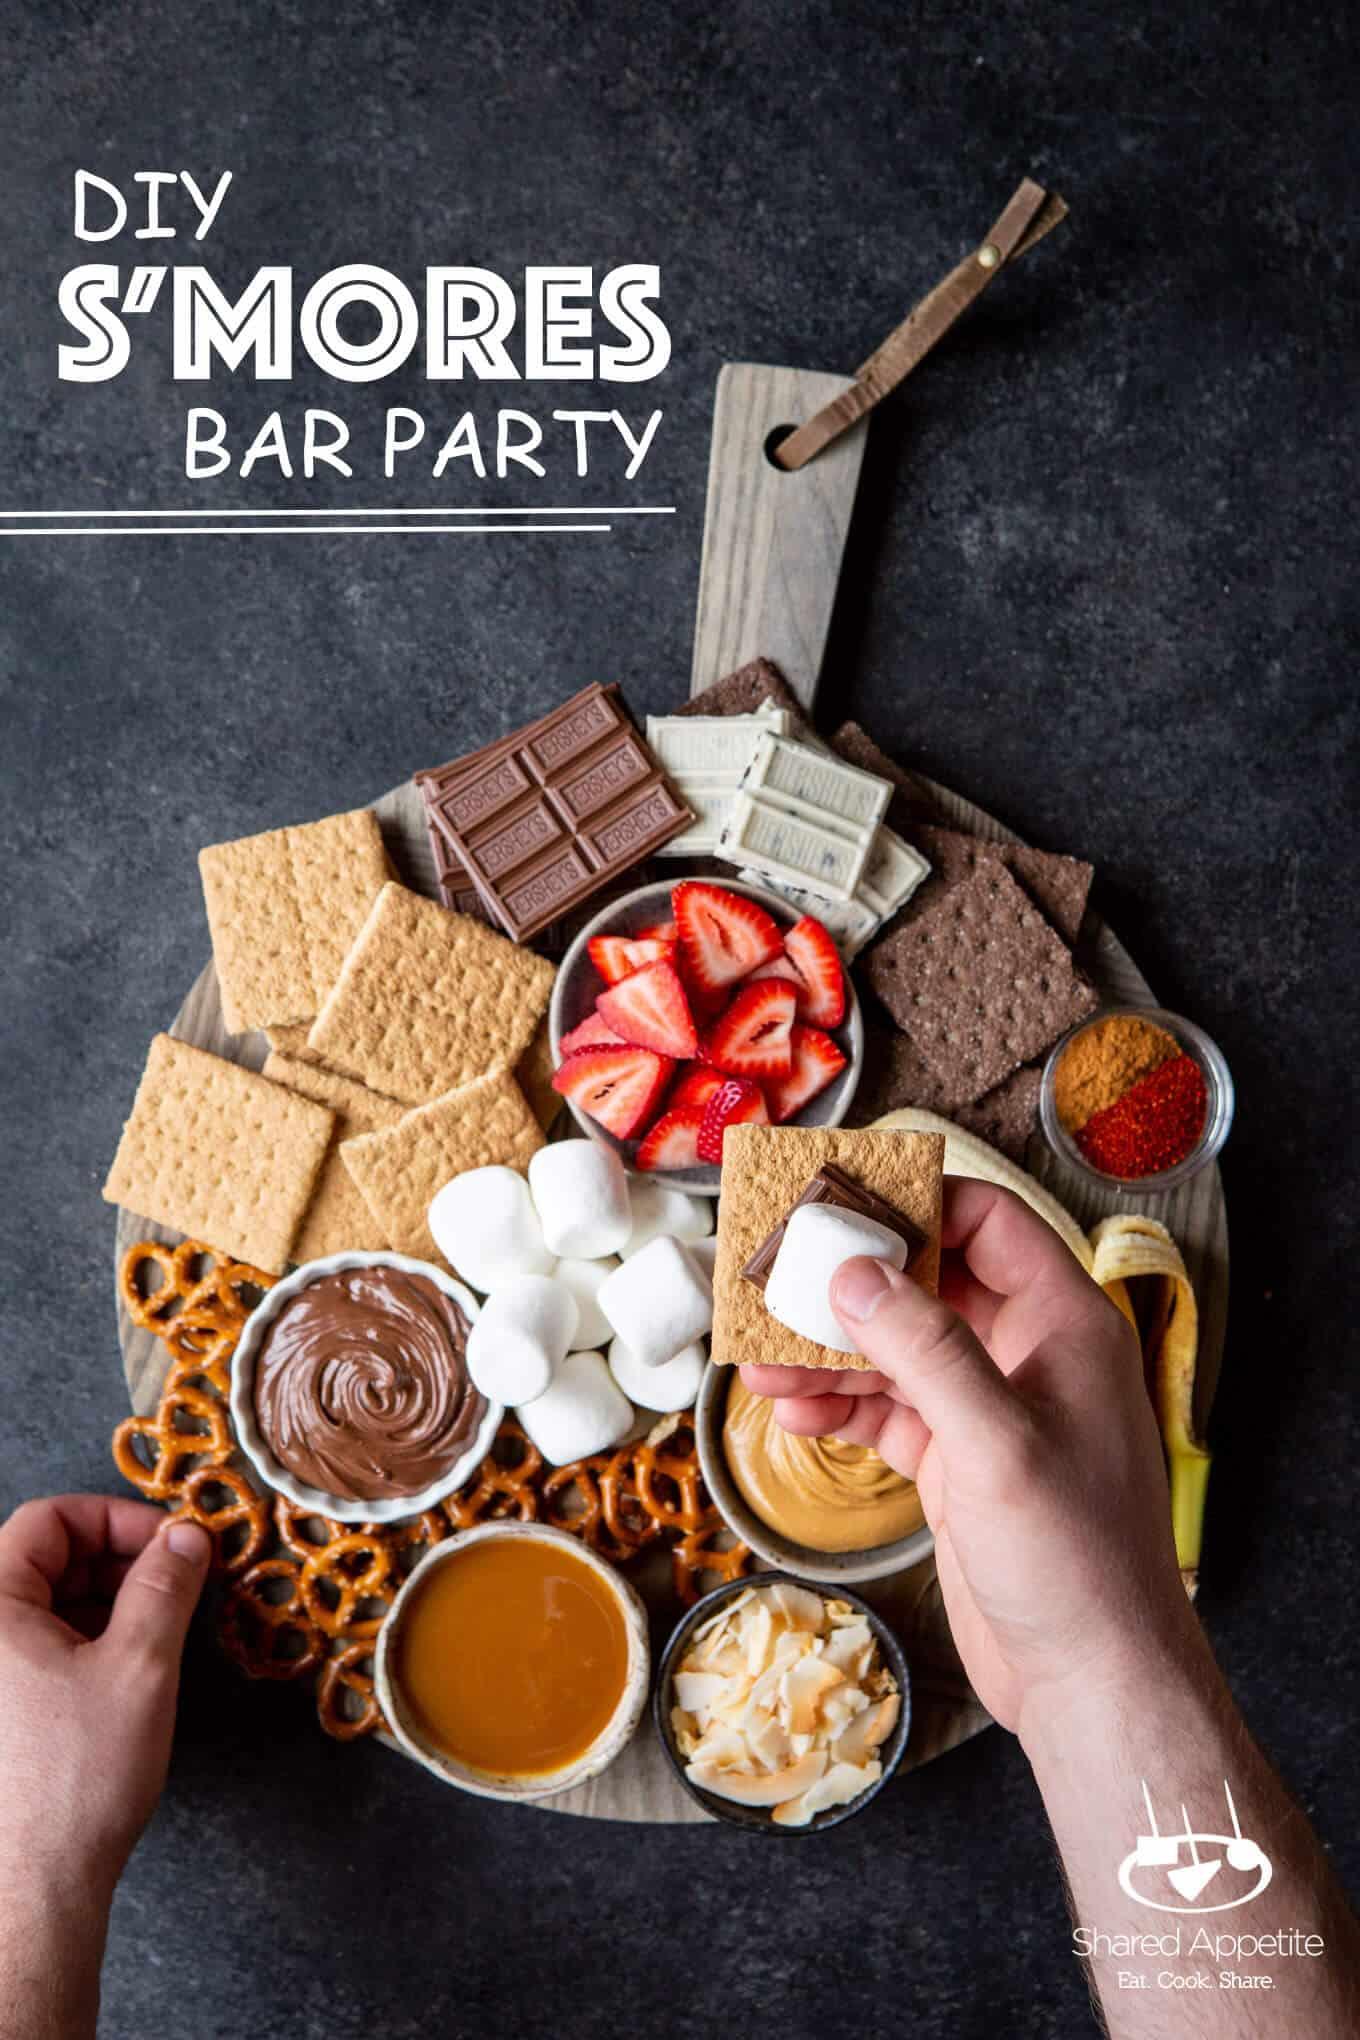 DIY S'MORES BAR PARTY | sharedappetite.com